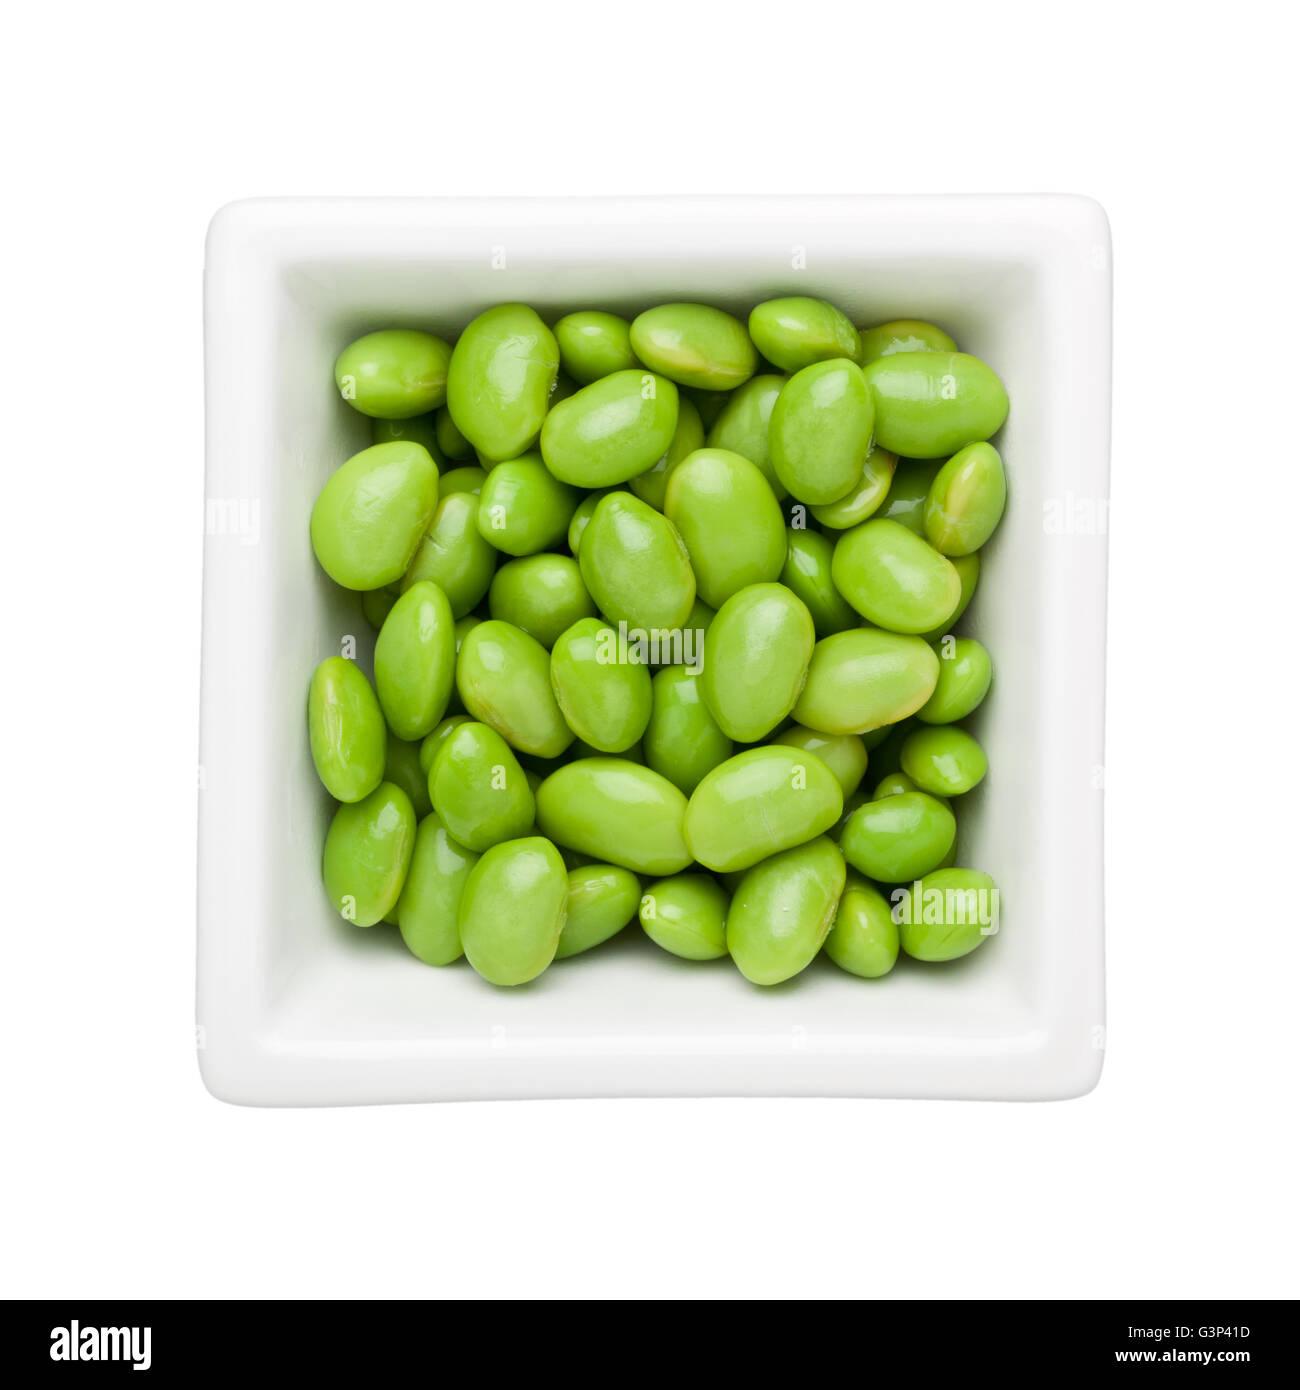 Grüne Sojabohnen in eine quadratische Schale isoliert auf weißem Hintergrund Stockbild